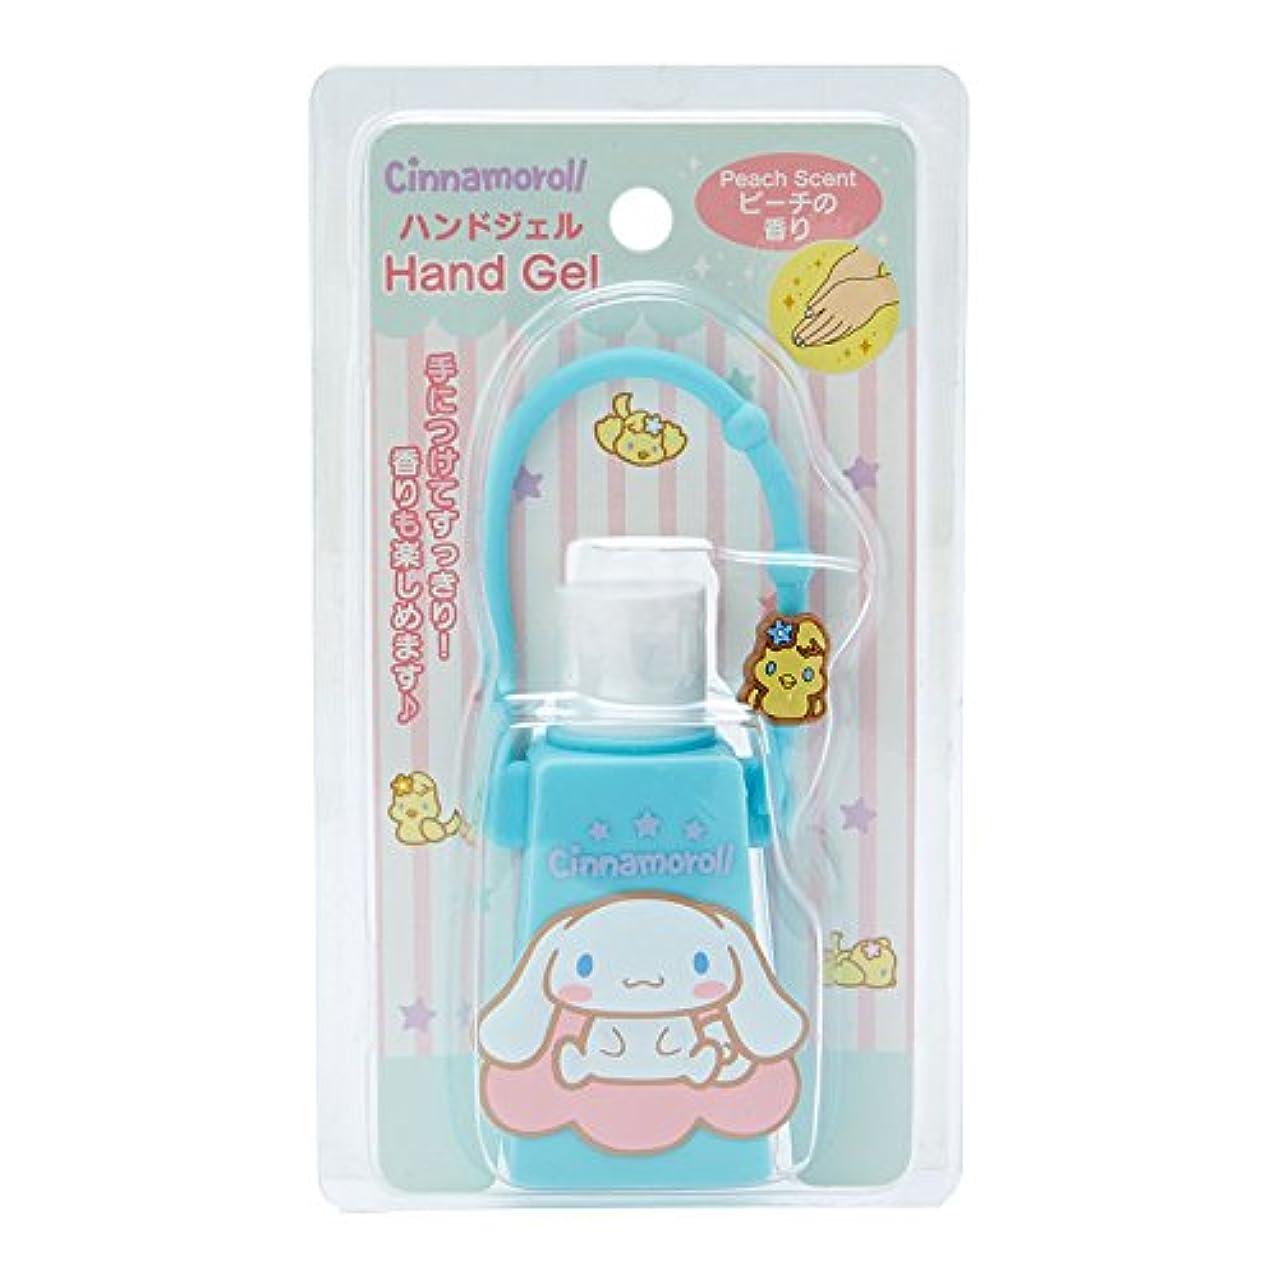 バーマド幻想暴露するシナモロール 携帯ハンドジェル(ピーチの香り)